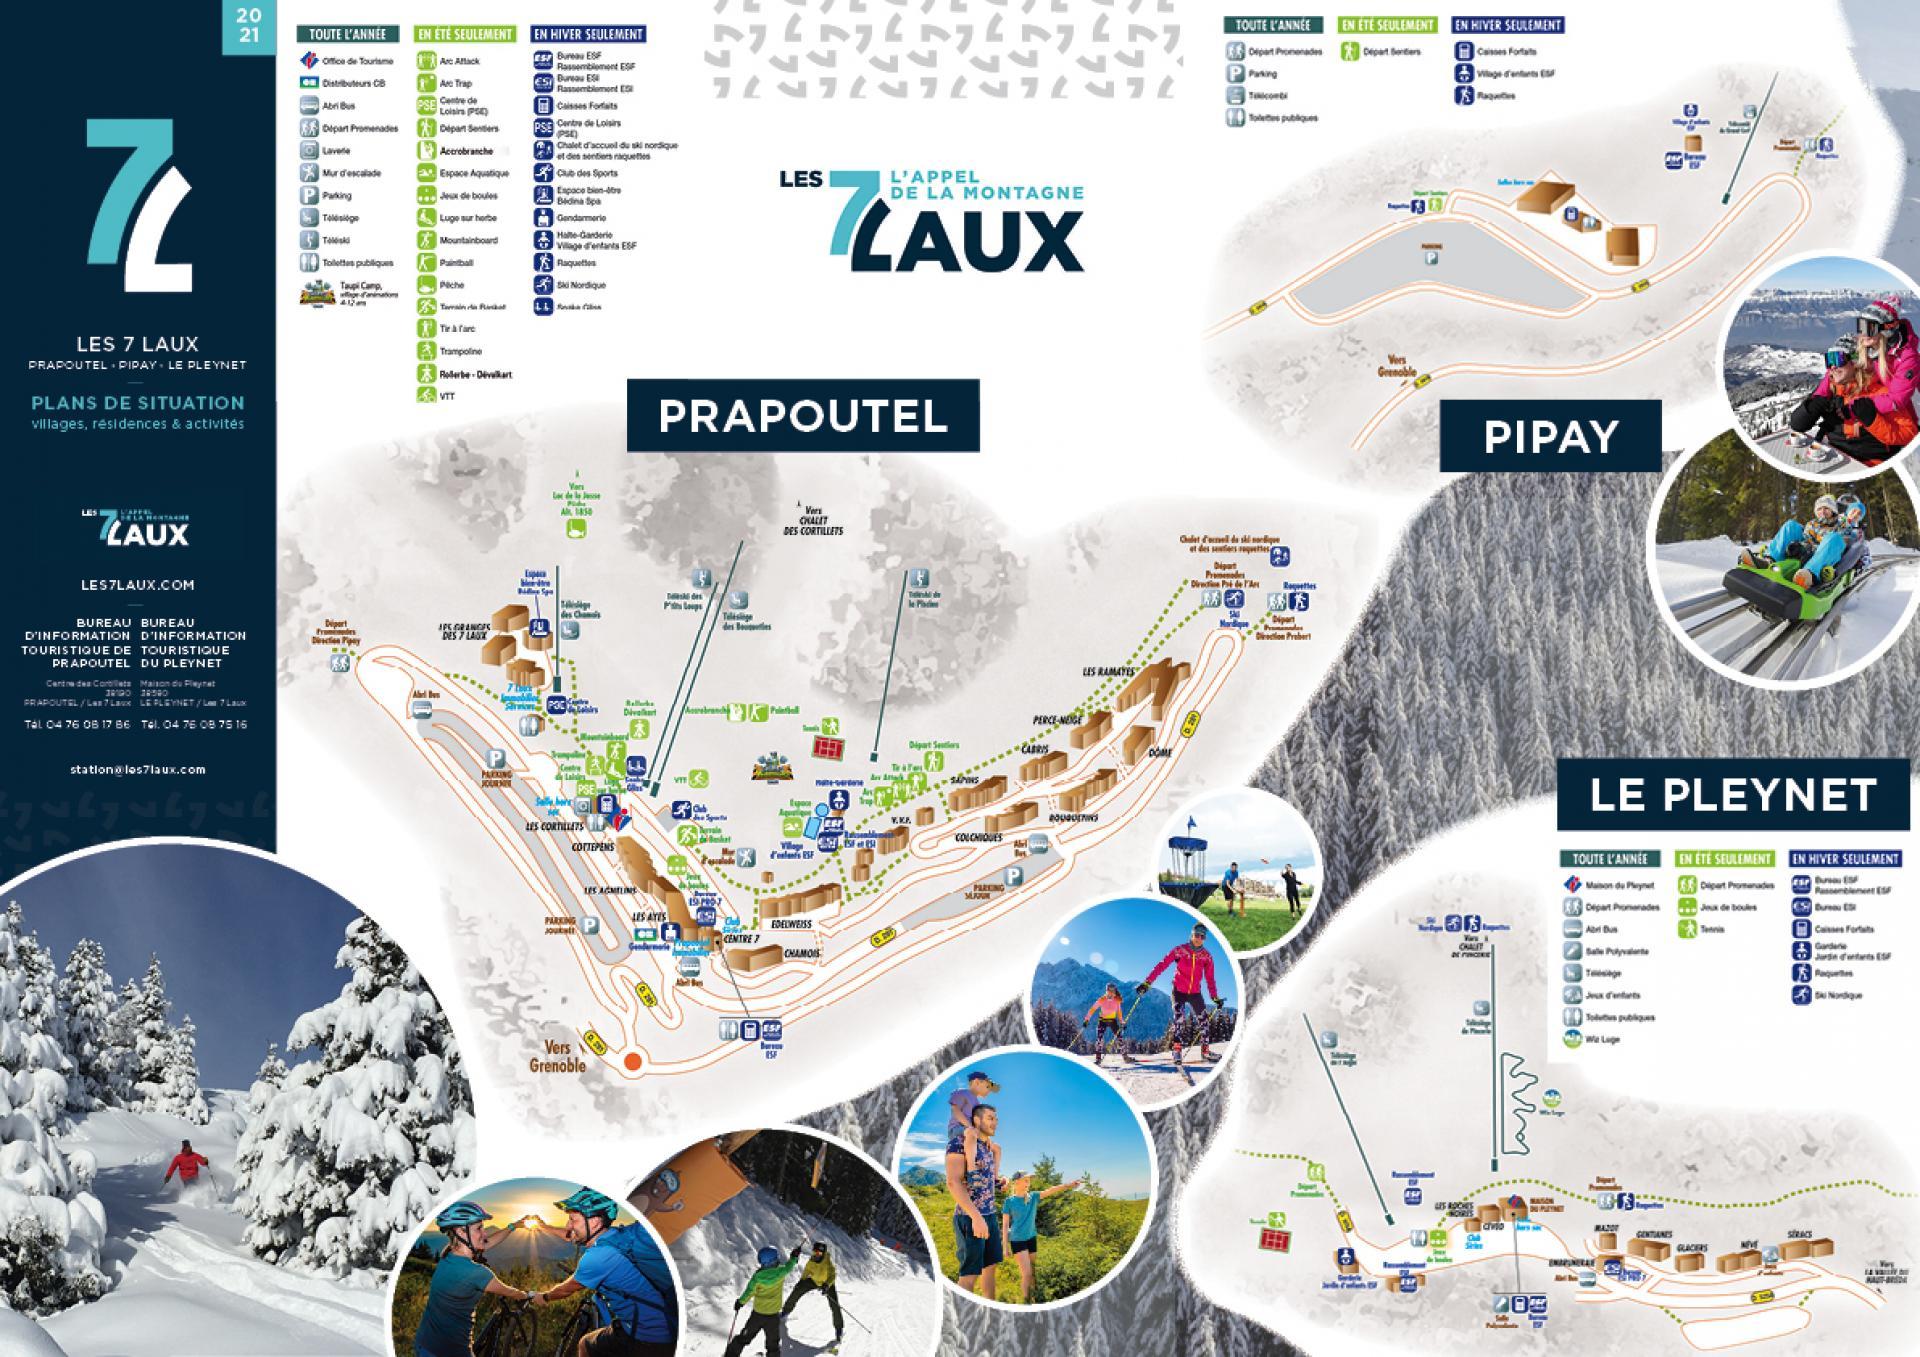 Les 7 Laux Plan de situation Prapoutel Pipay Pleynet